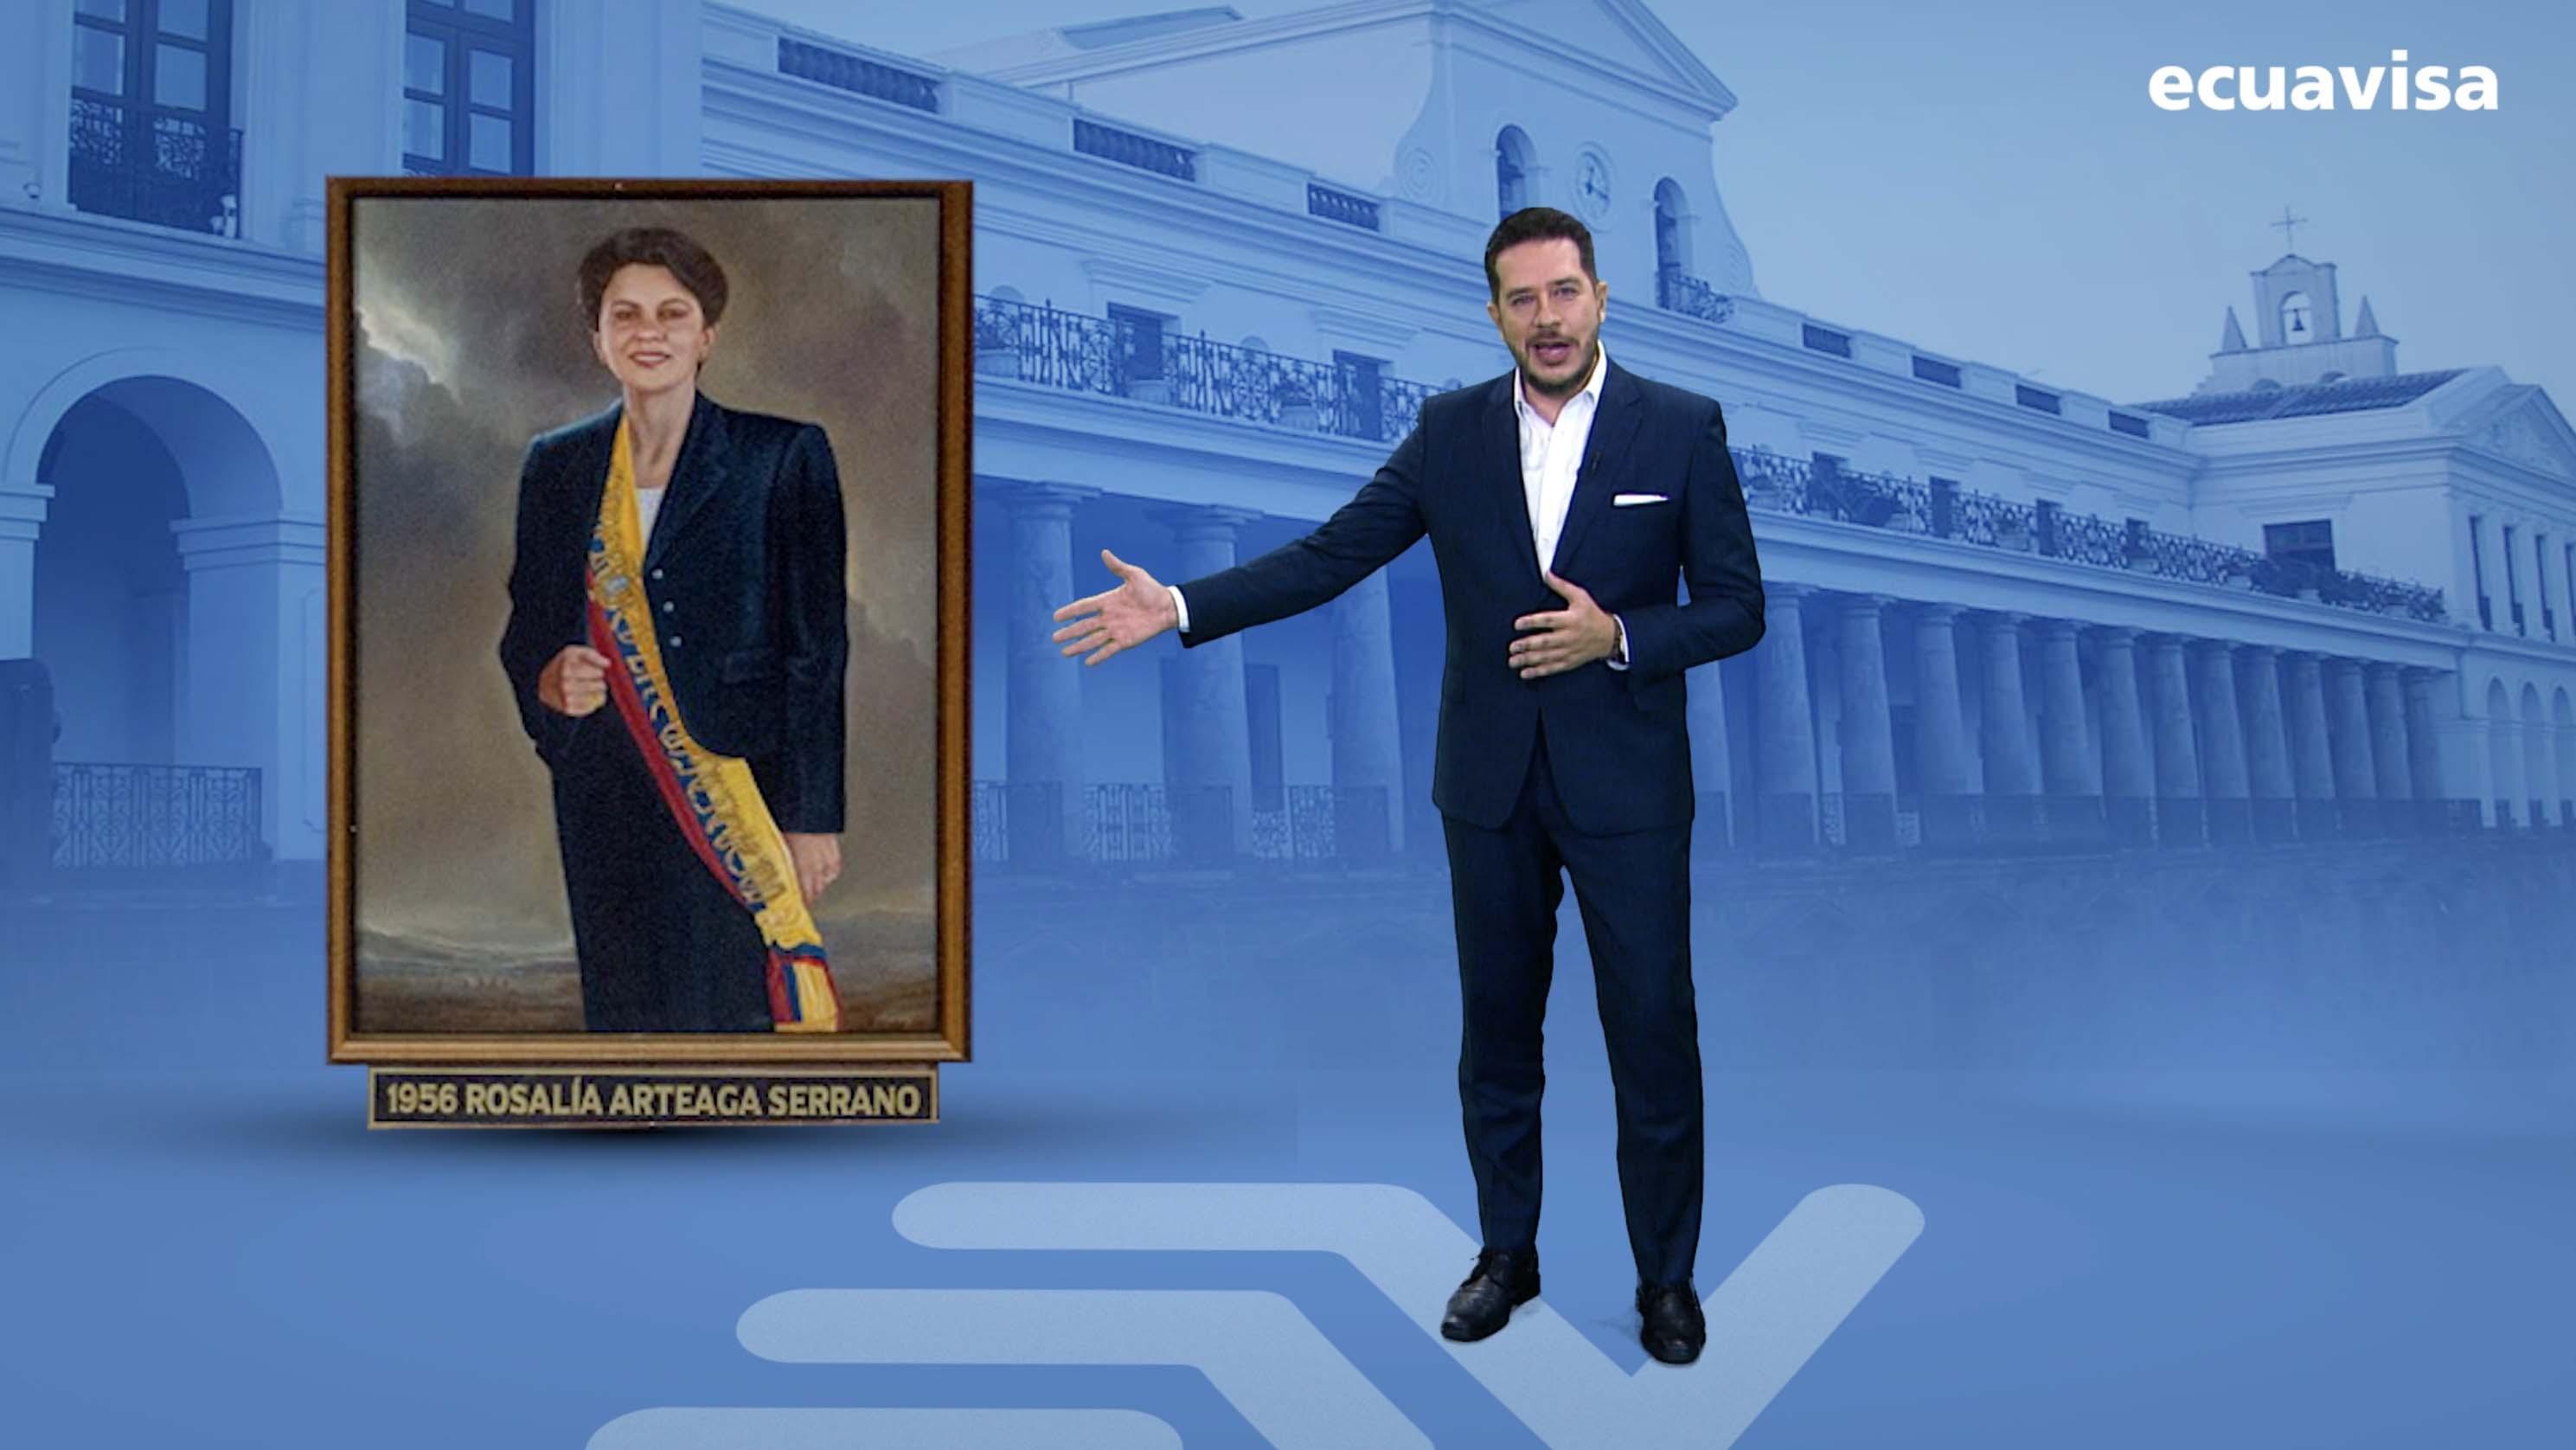 ¿Por qué Rosalia Arteaga no fue presidenta tras la salida de Abdalá Bucaram?